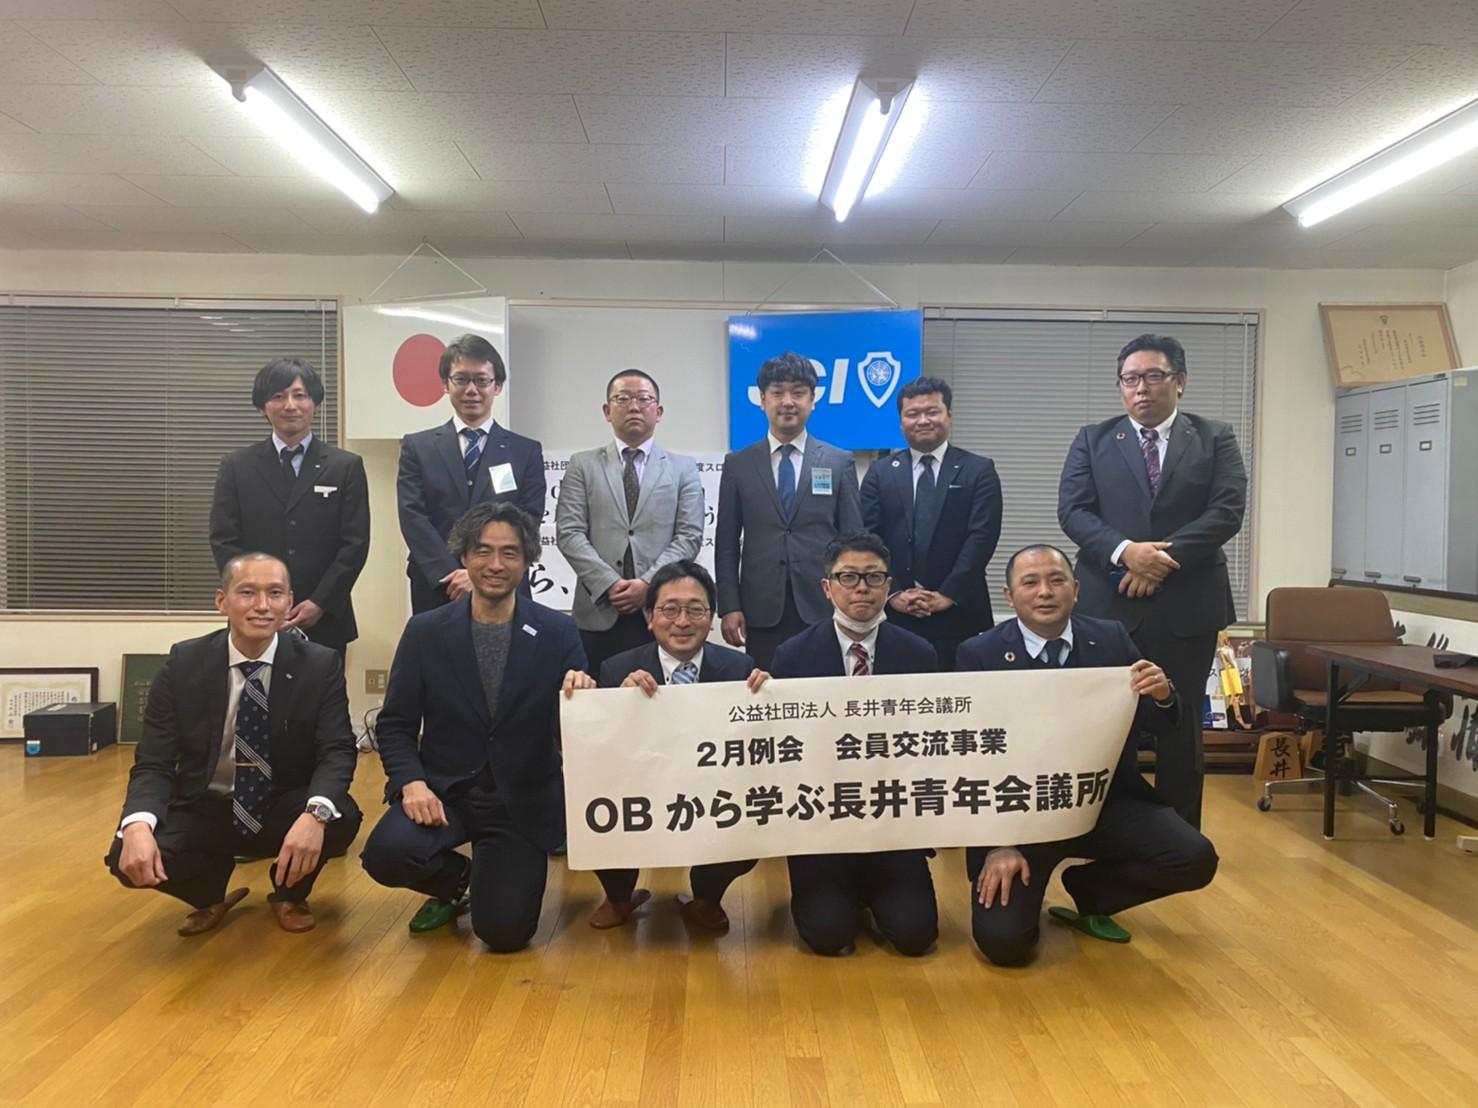 2月例会会員交流事業「OBから学ぶ長井青年会議所」を開催いたしました。:画像